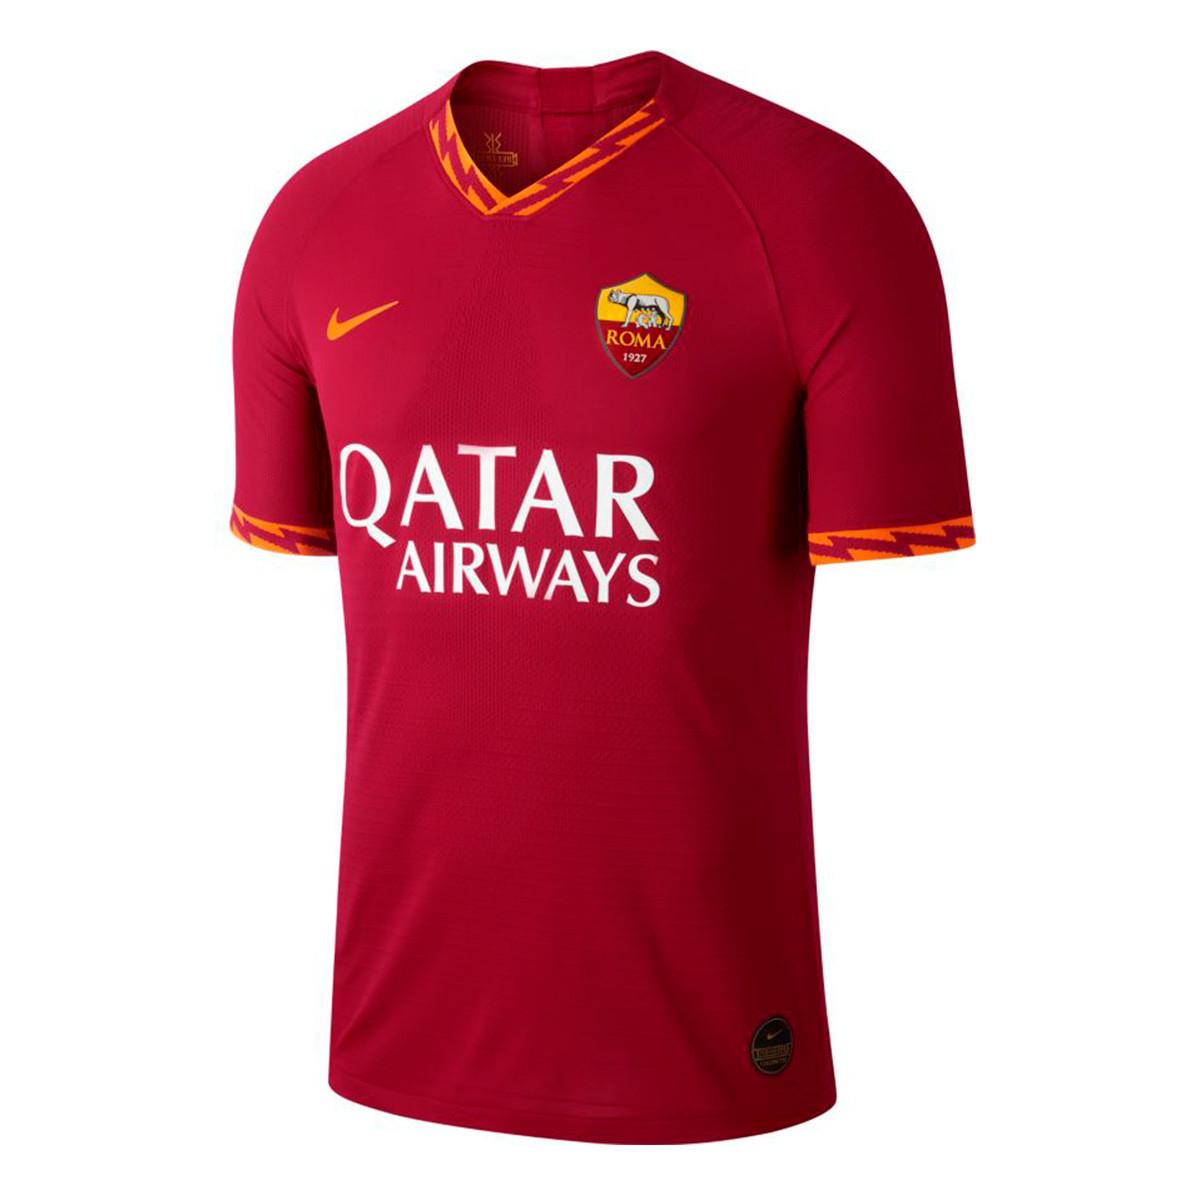 Camiseta Nike AS Roma Vapor Match SS Primera Equipación 2019 2020